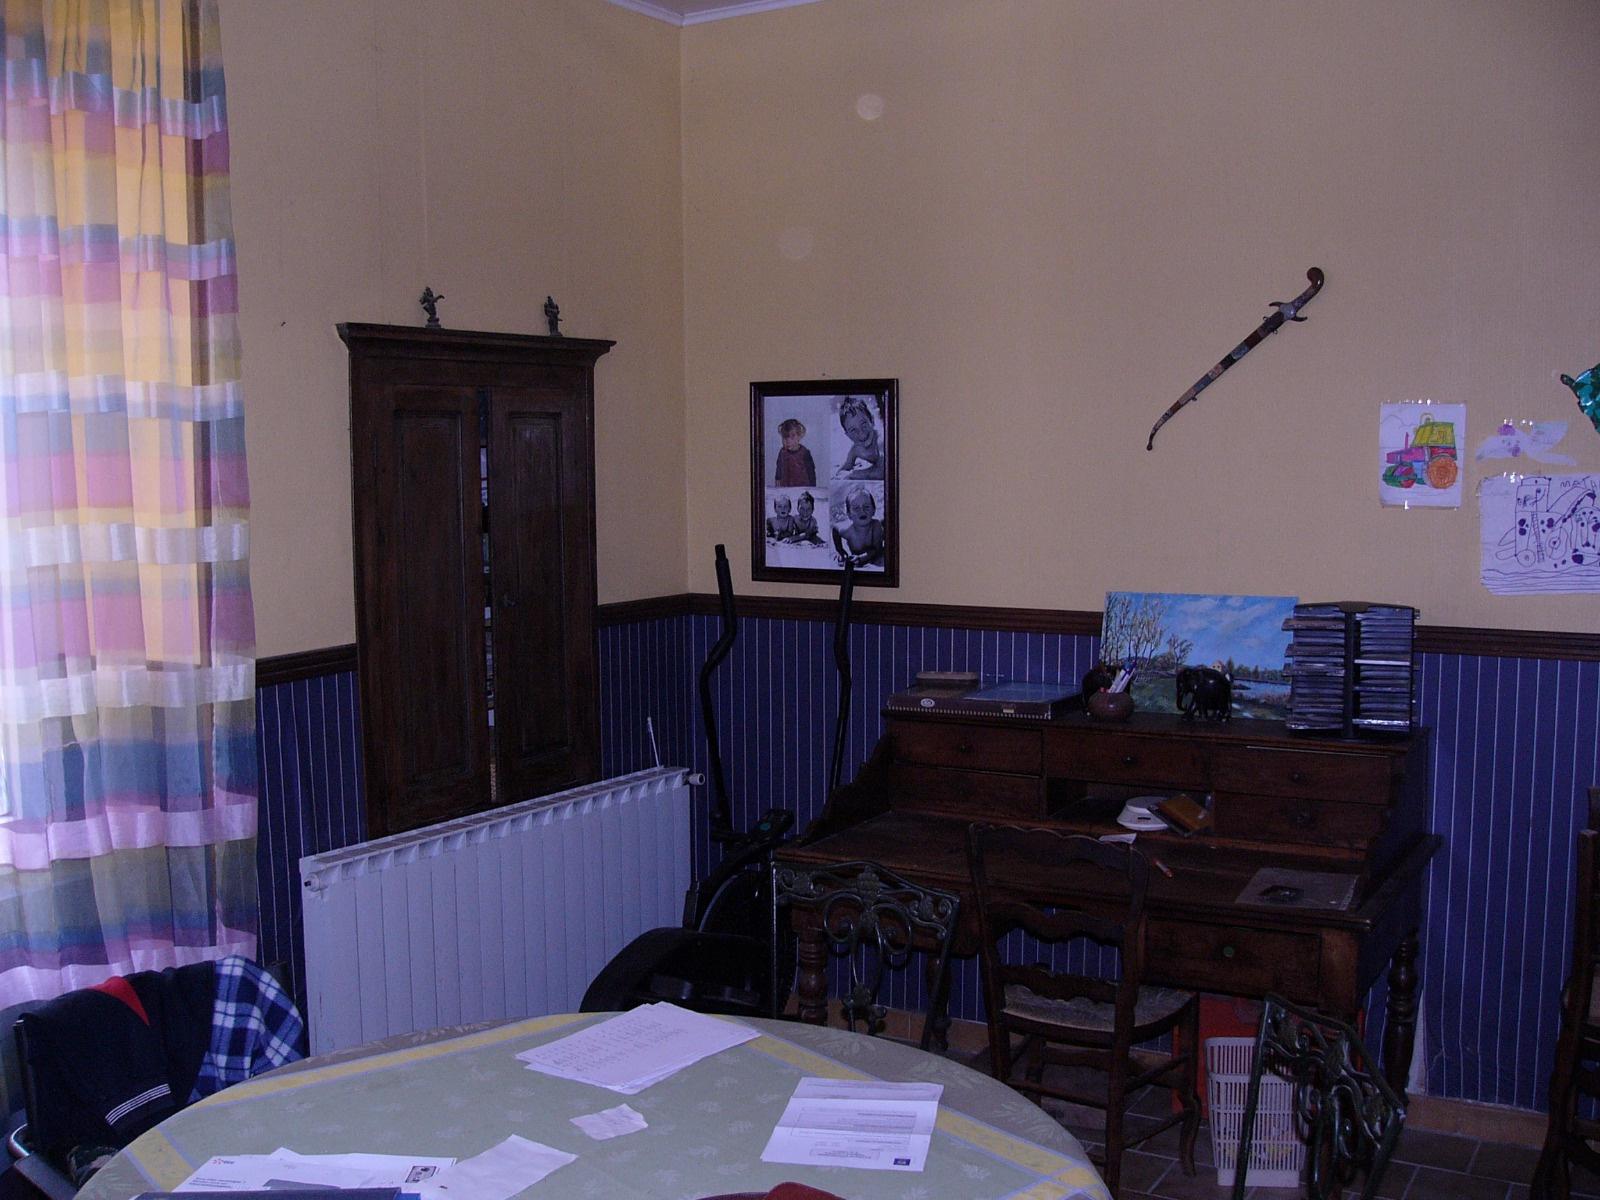 Vente maison/villa 9 pièces mondragon 84430